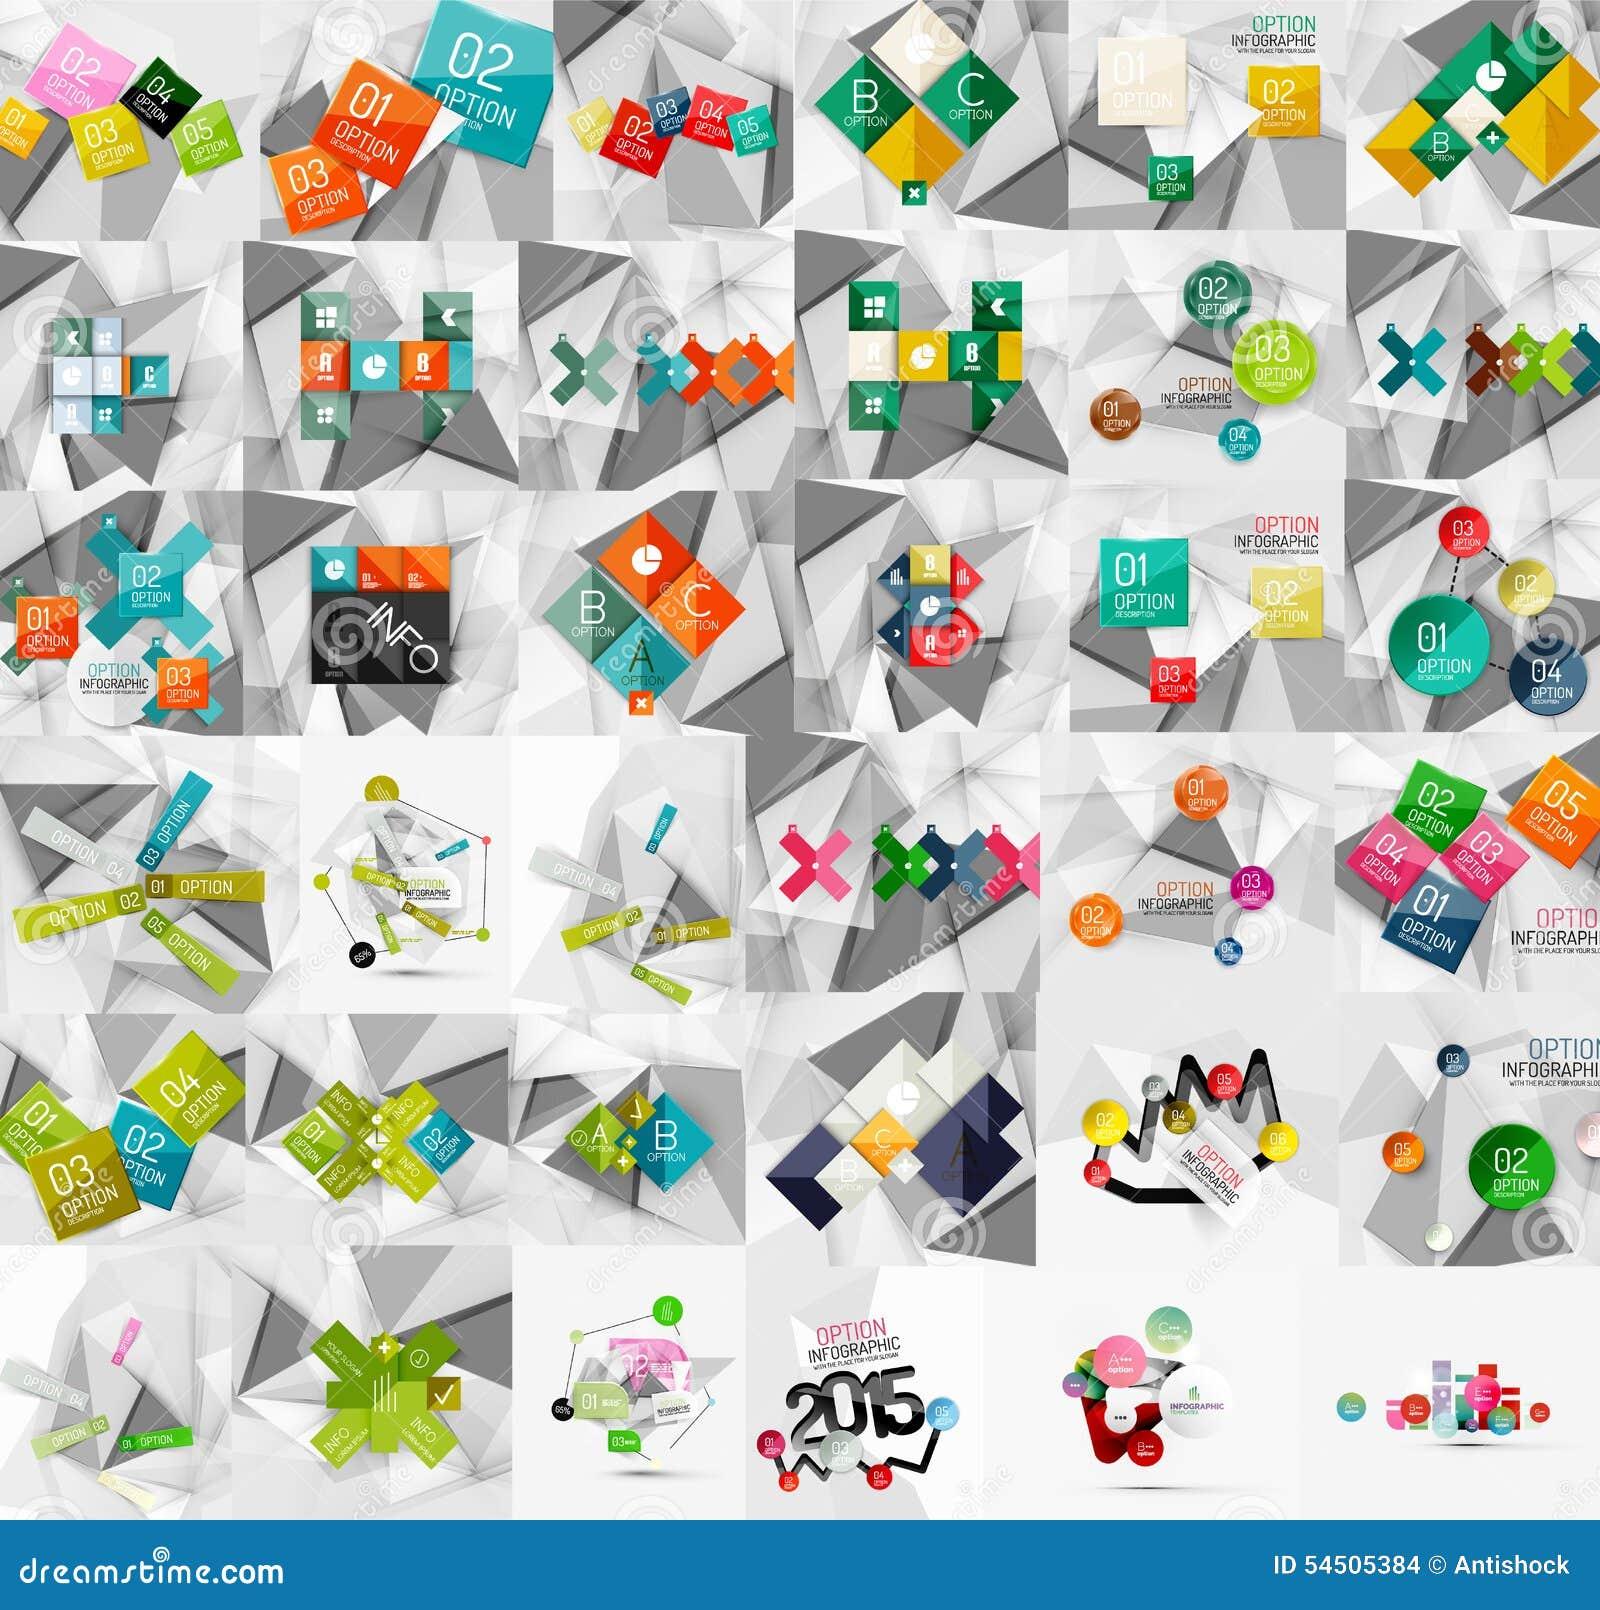 Collection méga de bannières de papier géométriques de style